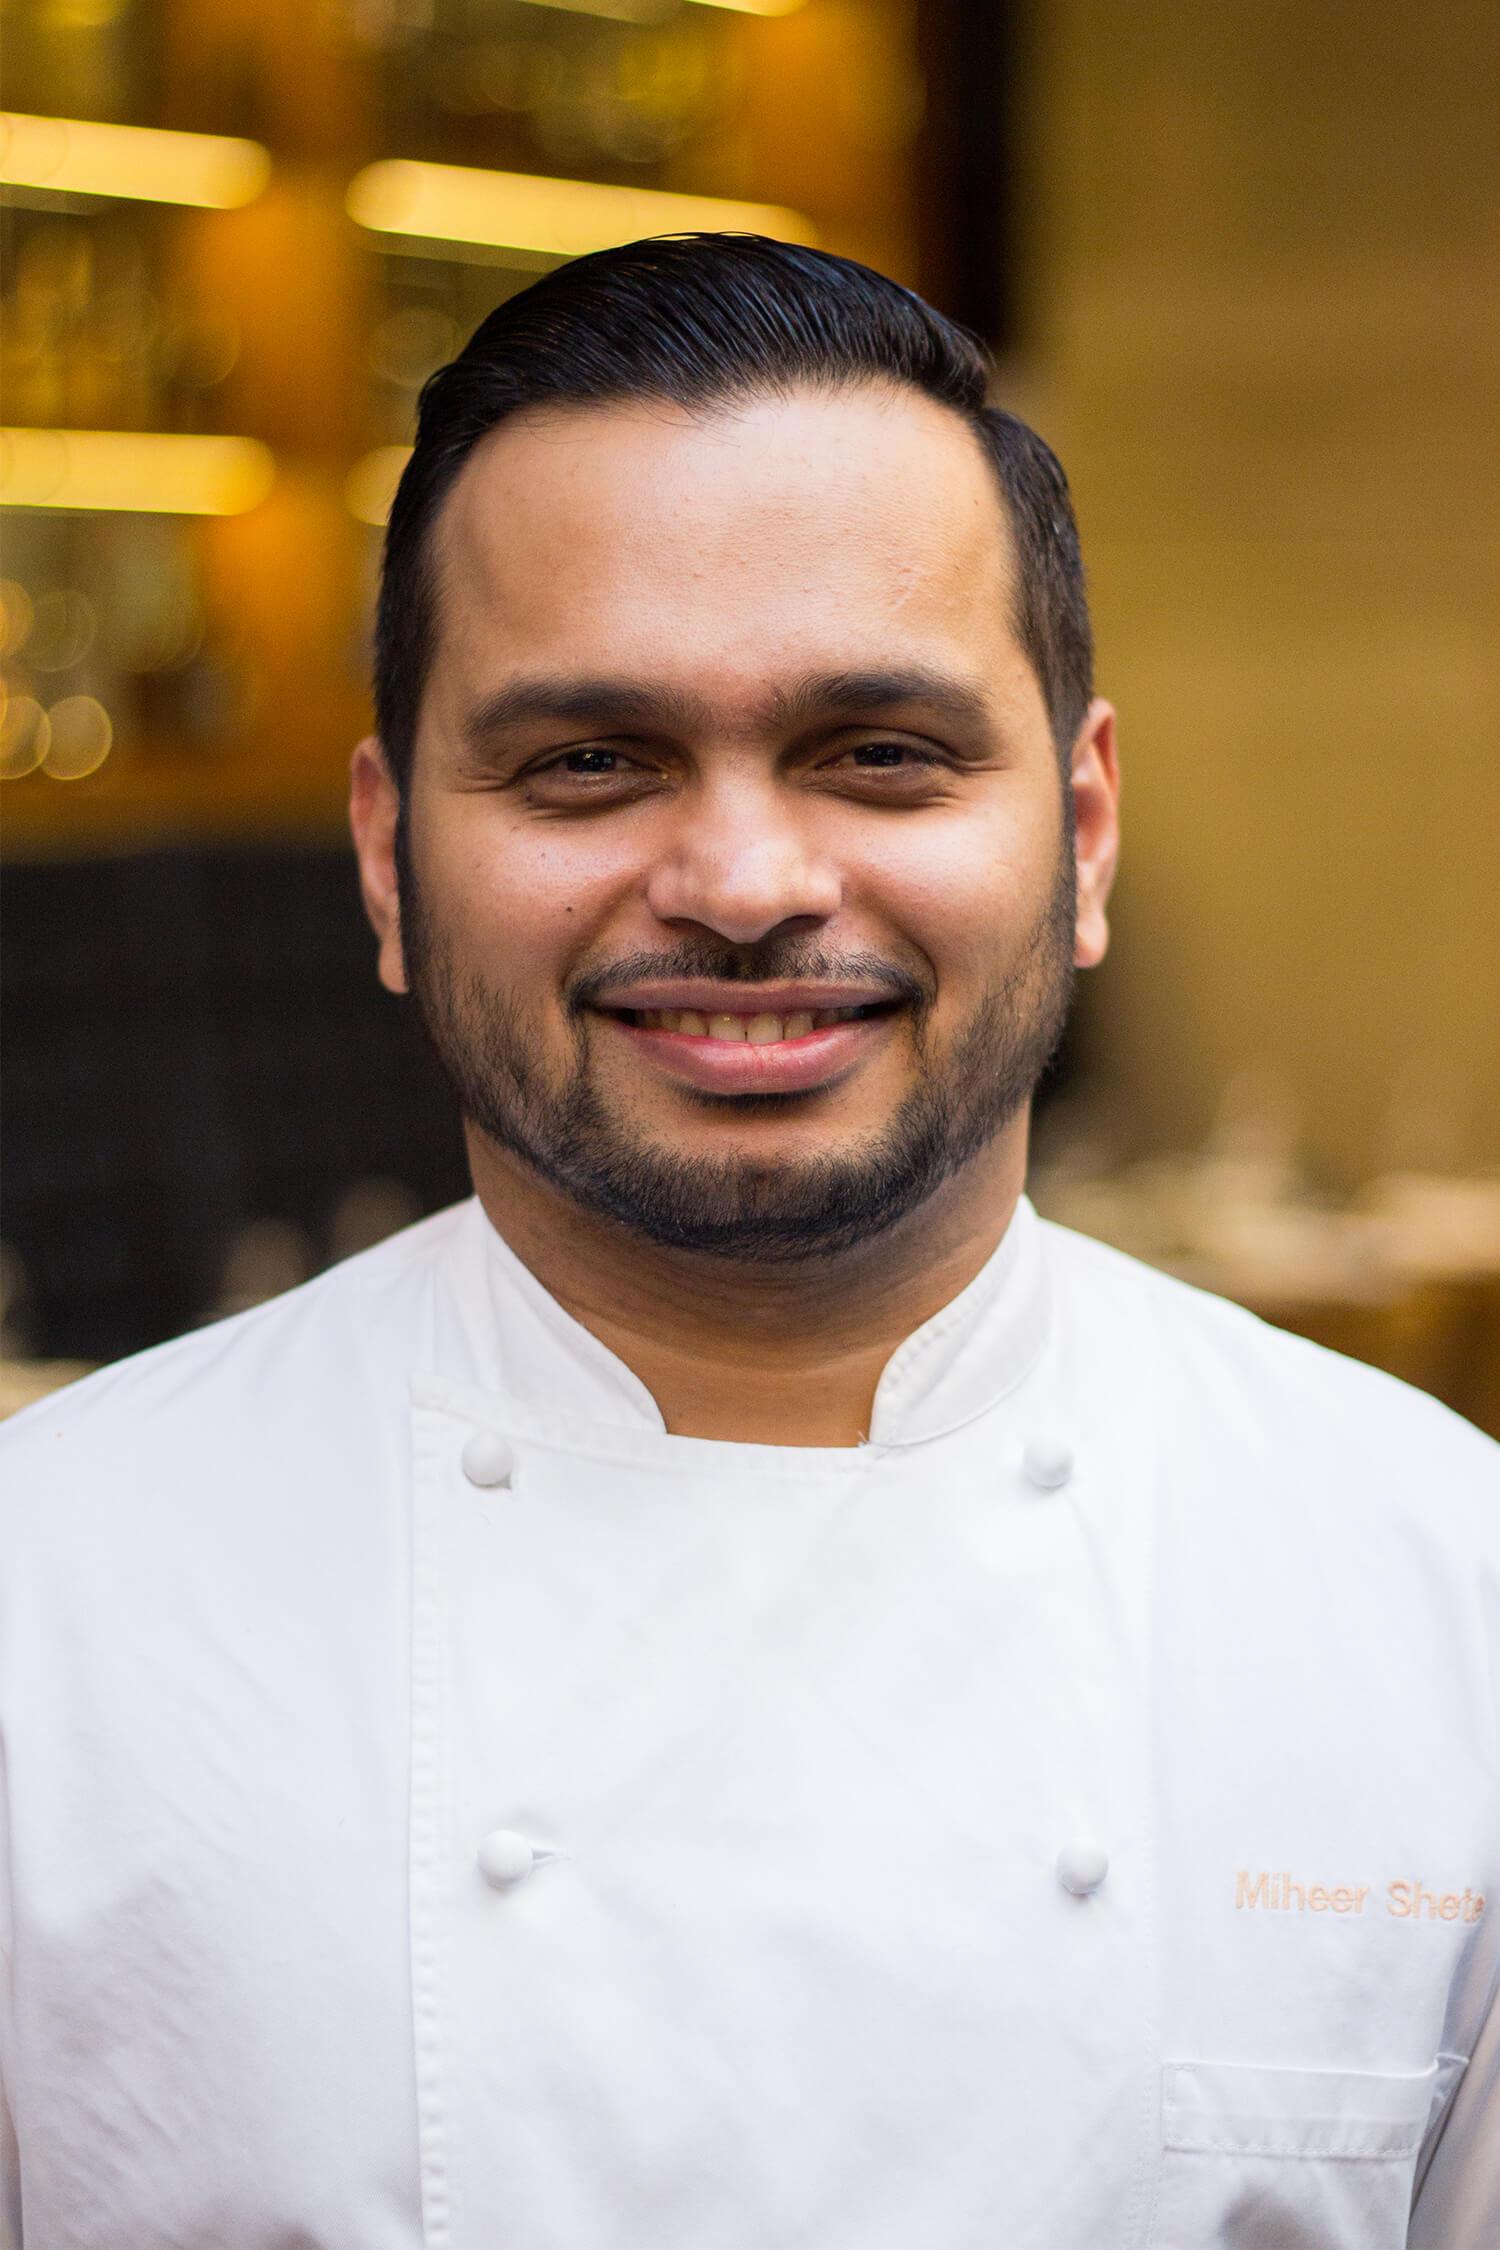 Chef Miheer Shete